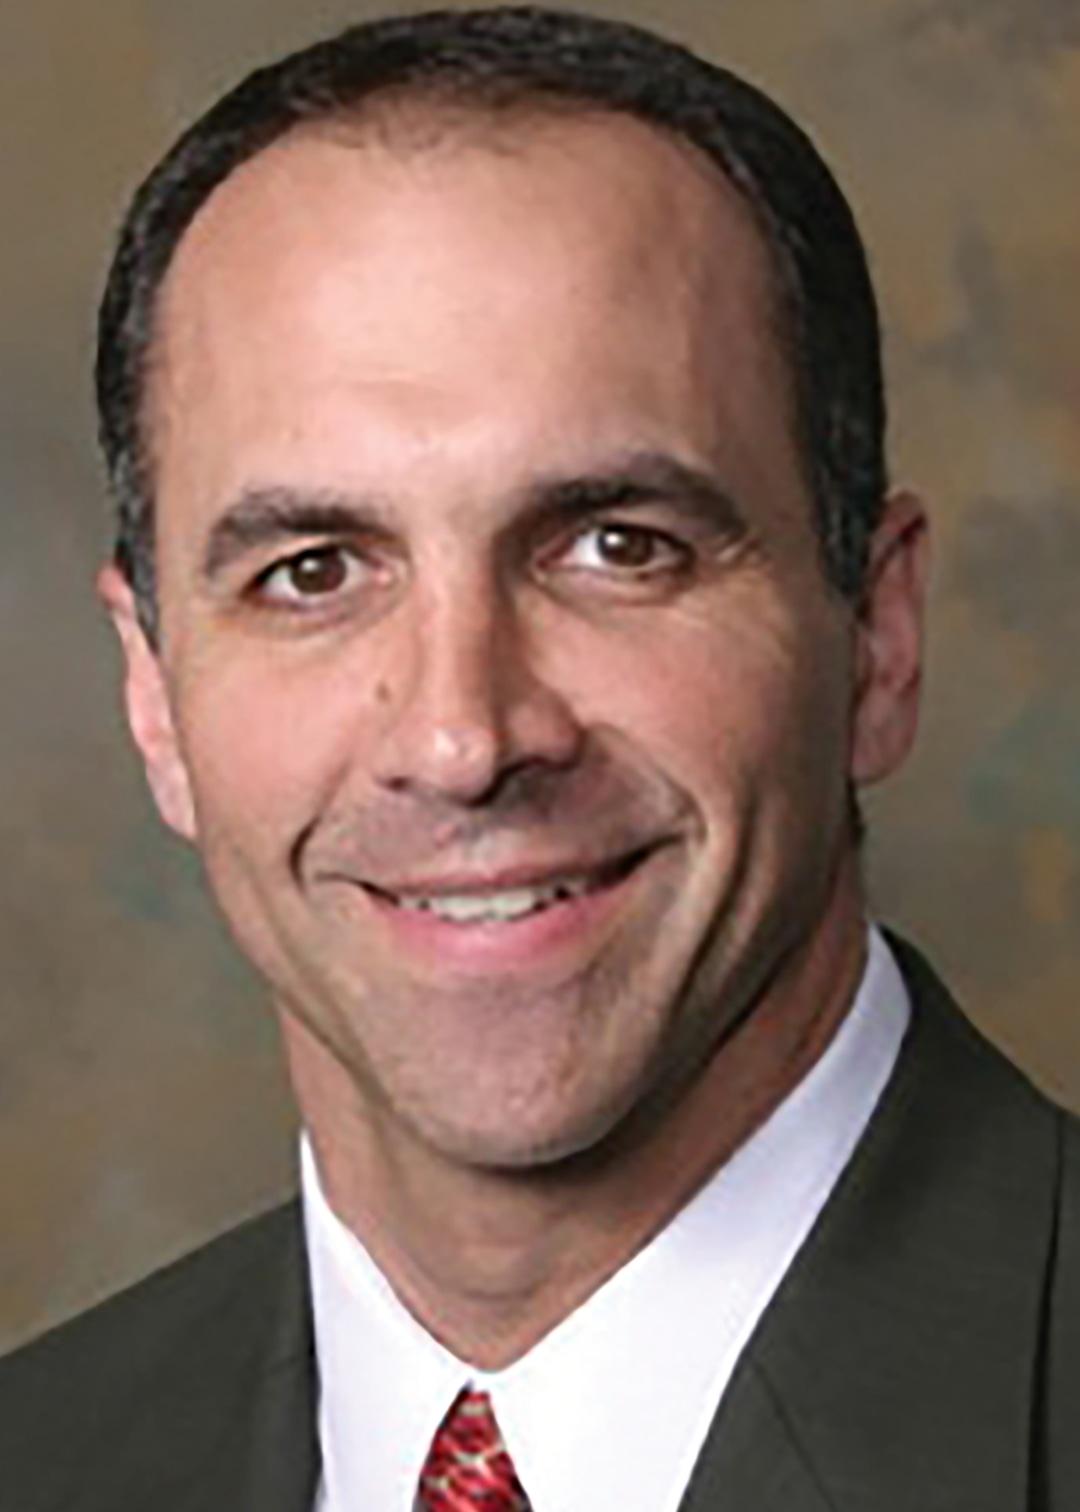 Dr. Robert M. Markus, Jr., F.A.C.S